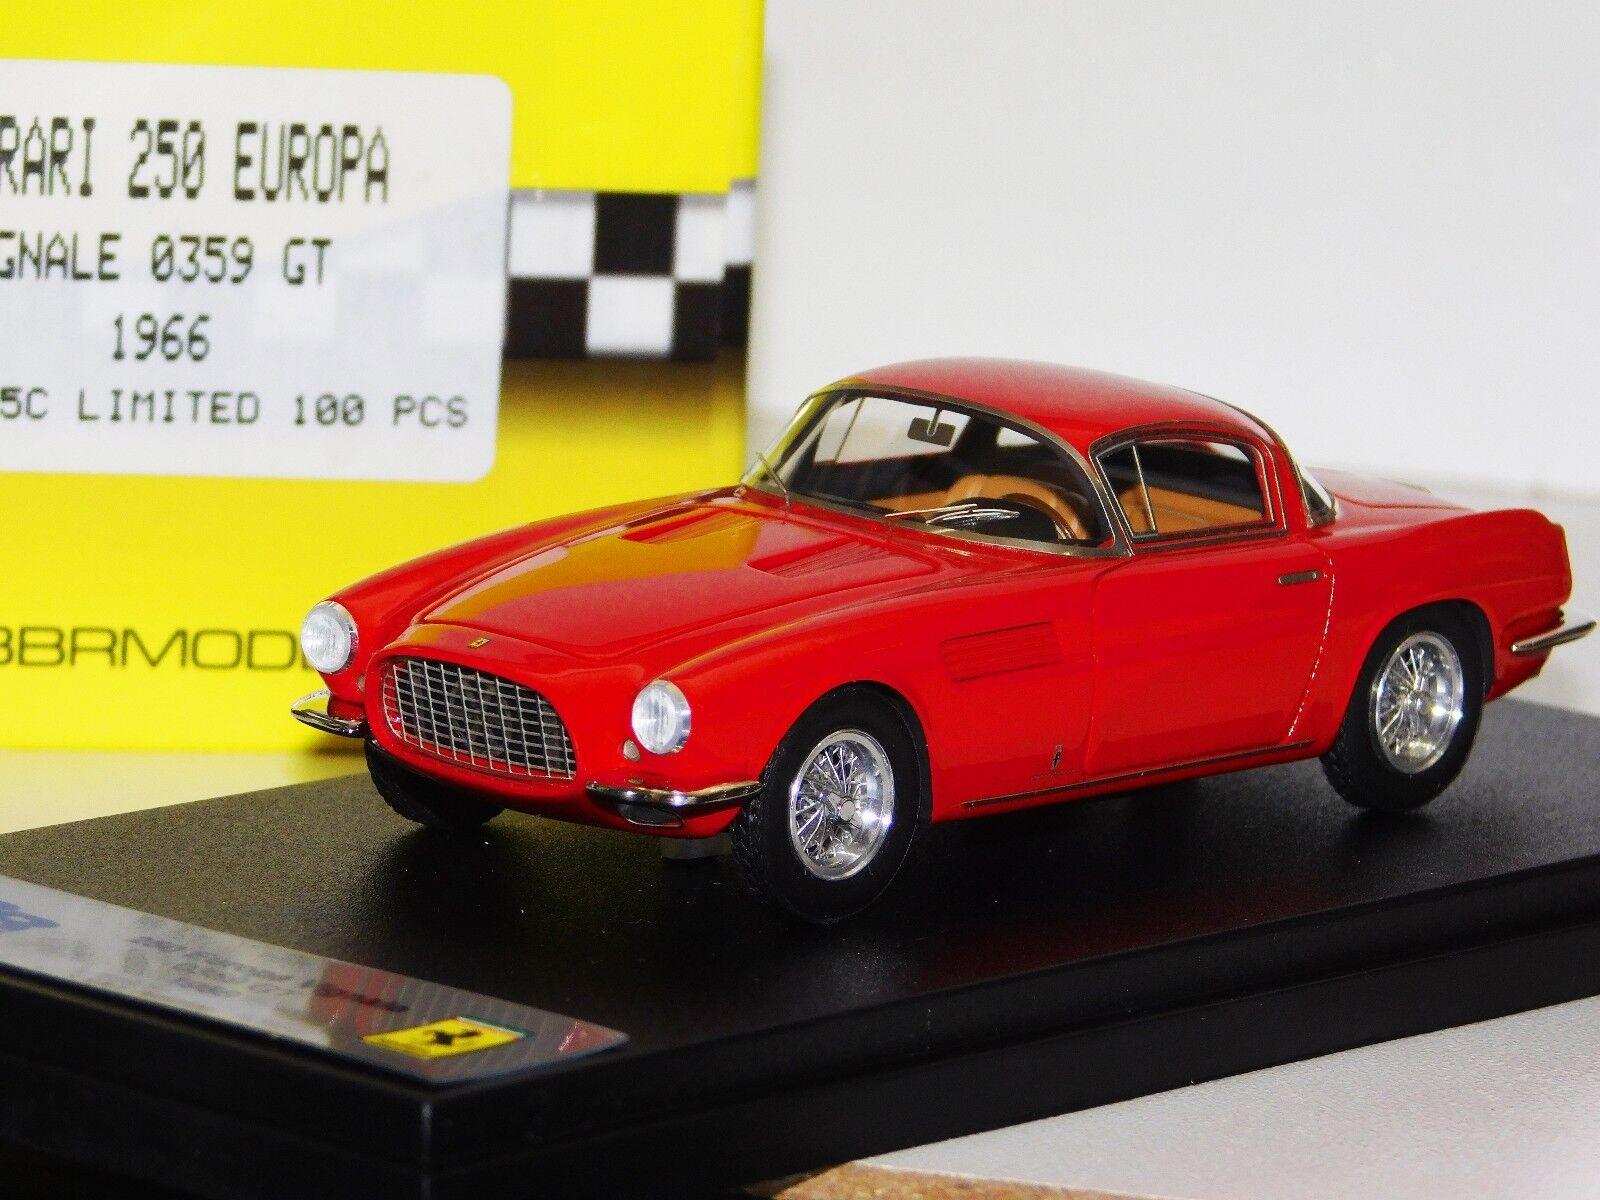 100% a estrenar con calidad original. Ferrari 250 Europa Europa Europa Vignale 0359 GT 1966 BBR BBR105C Lim. 100 piezas 1 43  gran venta